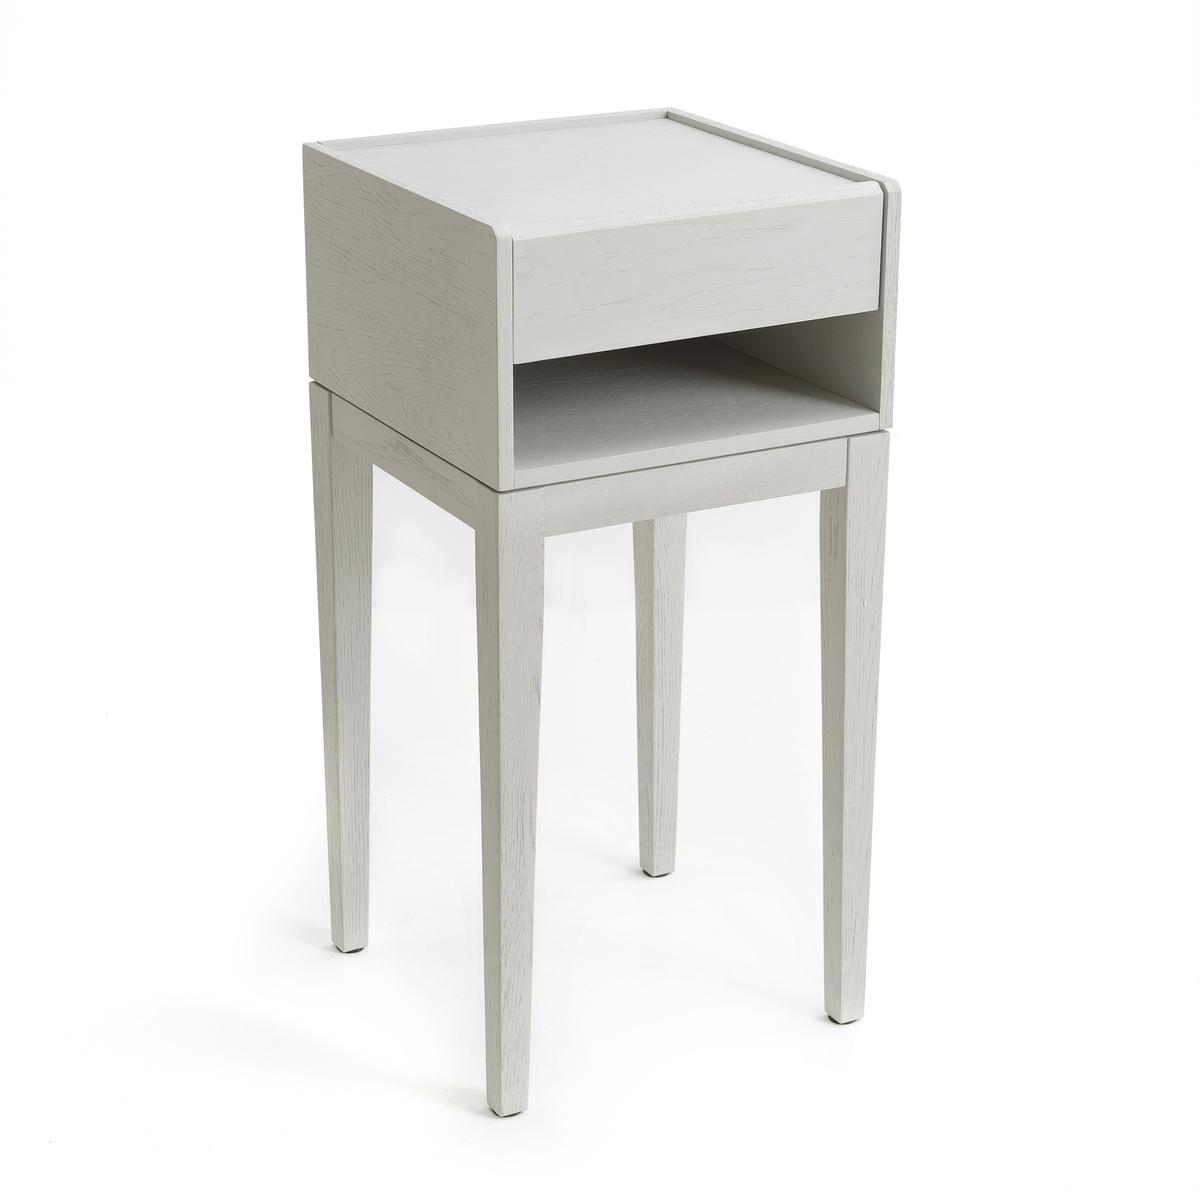 Столик прикроватный  Nizou, Design E.Gallina прикроватный столик цилиндрической формы newark